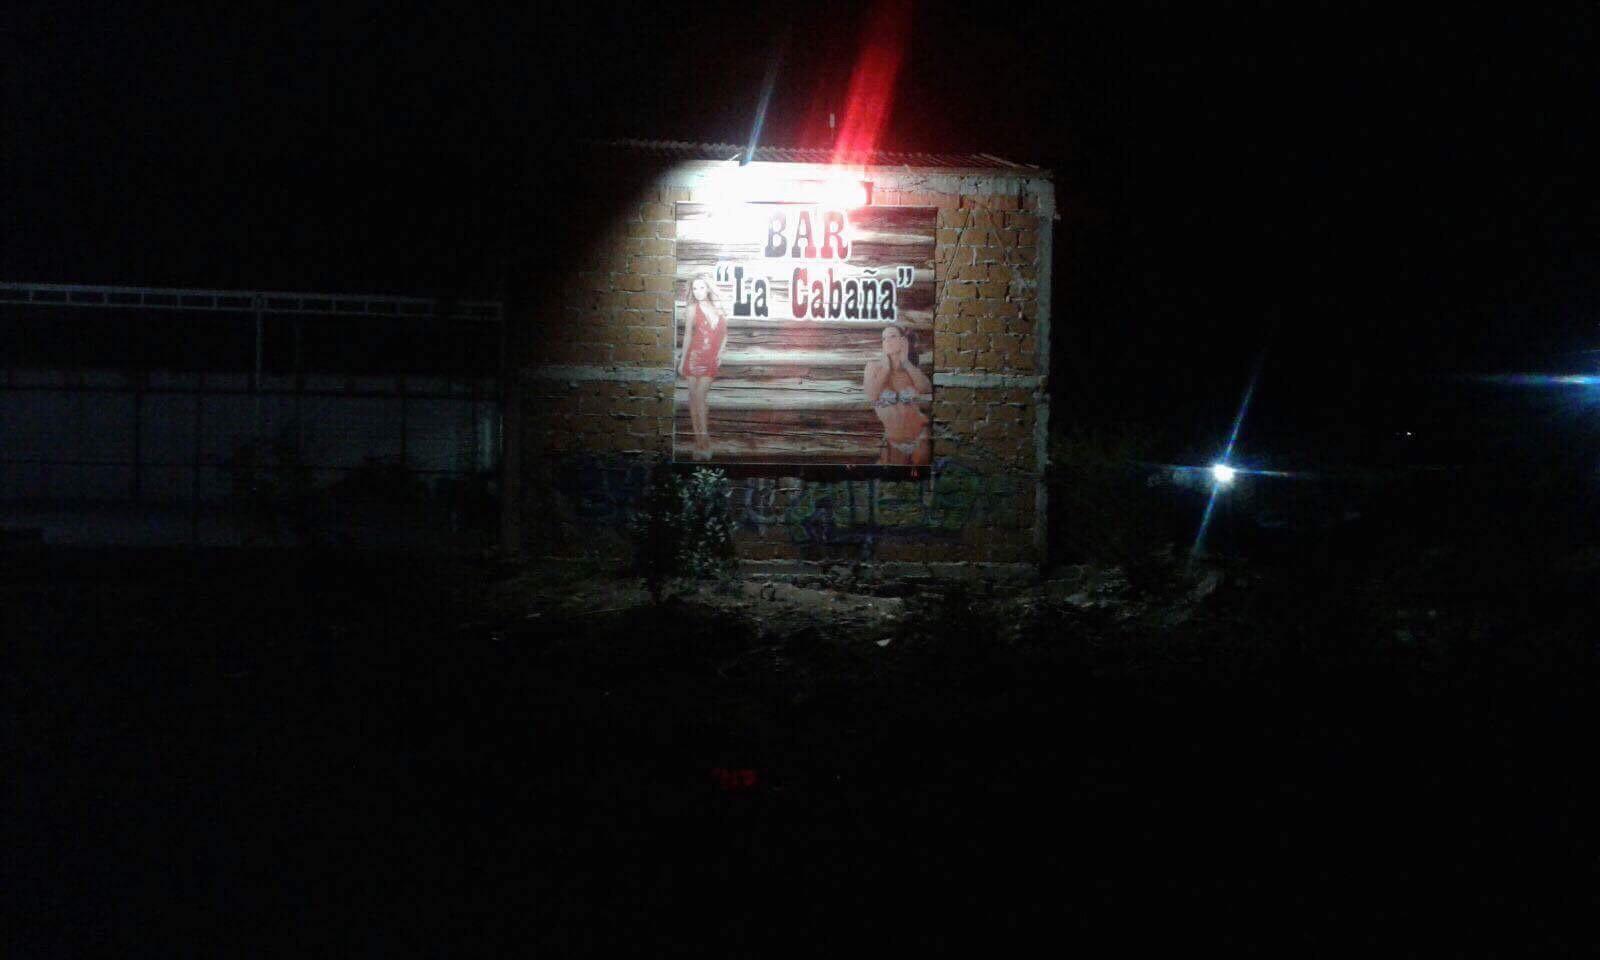 Enfrentamiento en centro nocturno La Cabaña